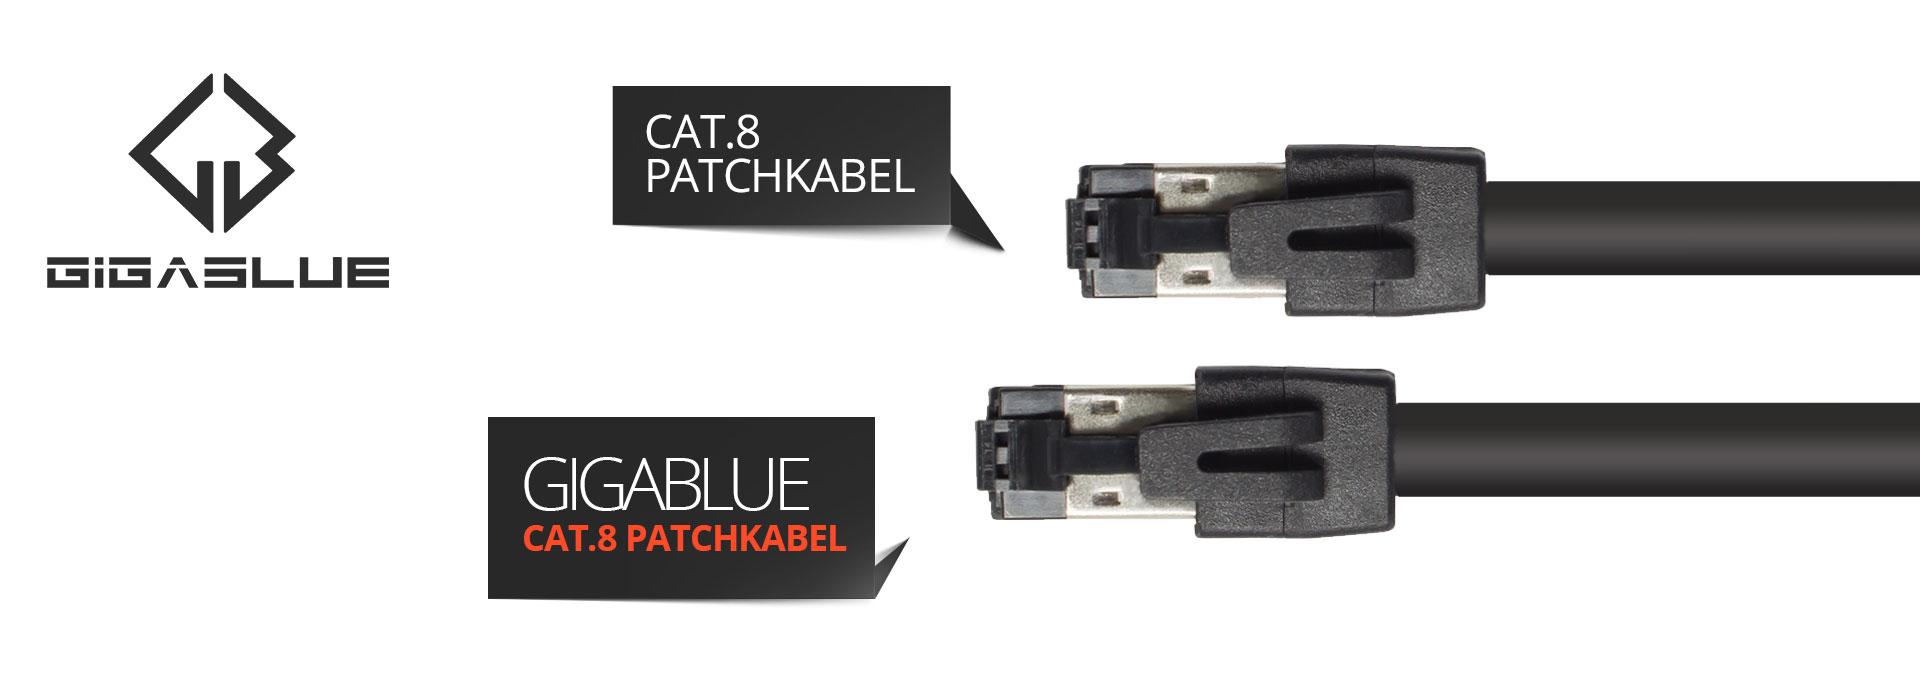 CAT-8-PATCHKABEL